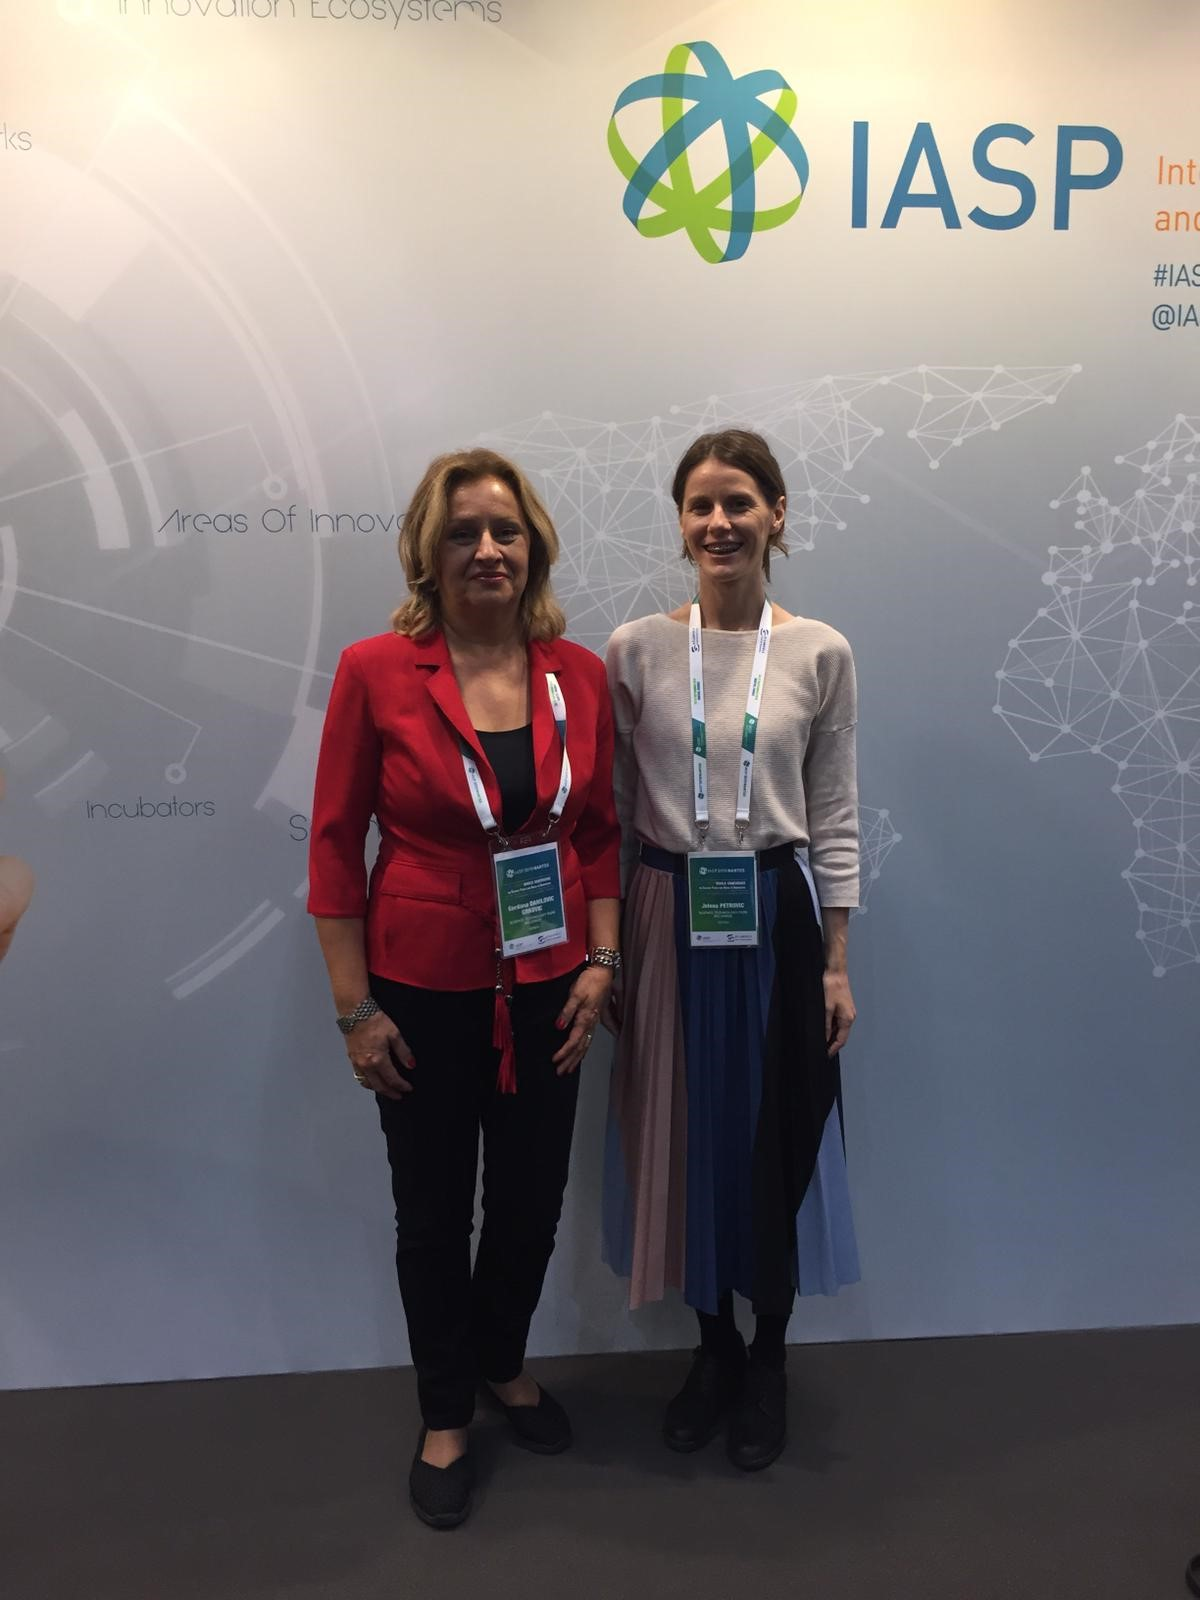 Predstavnici NTP Beograd na 36. IASP svetskoj godišnjoj konferenciji o naučnim parkovima i oblastima inovacija